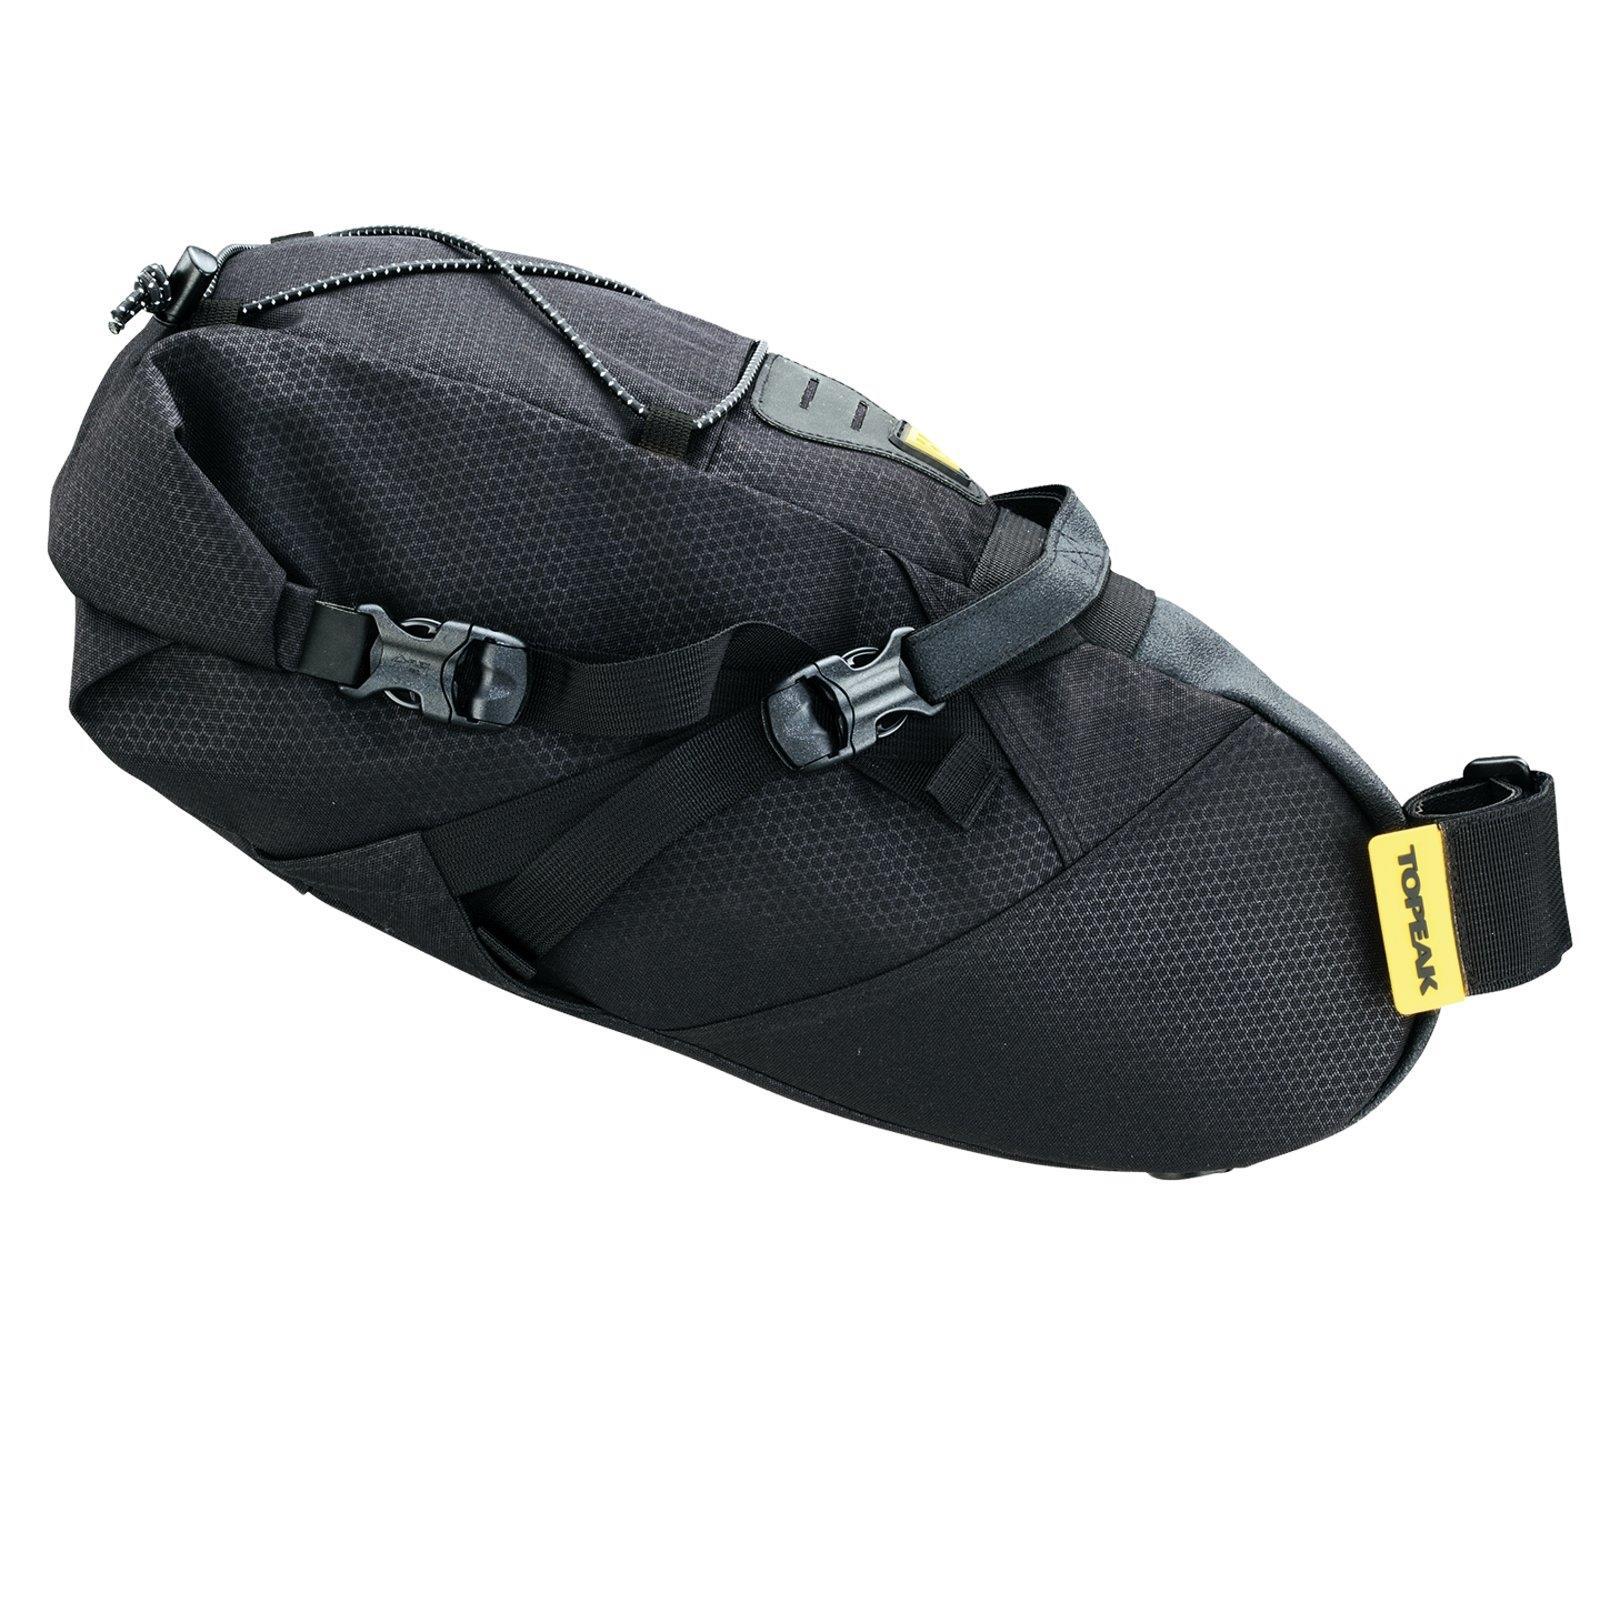 topeak back loader fahrrad tasche bikepacking packsack wasserdicht 6l 10l 15l ebay. Black Bedroom Furniture Sets. Home Design Ideas